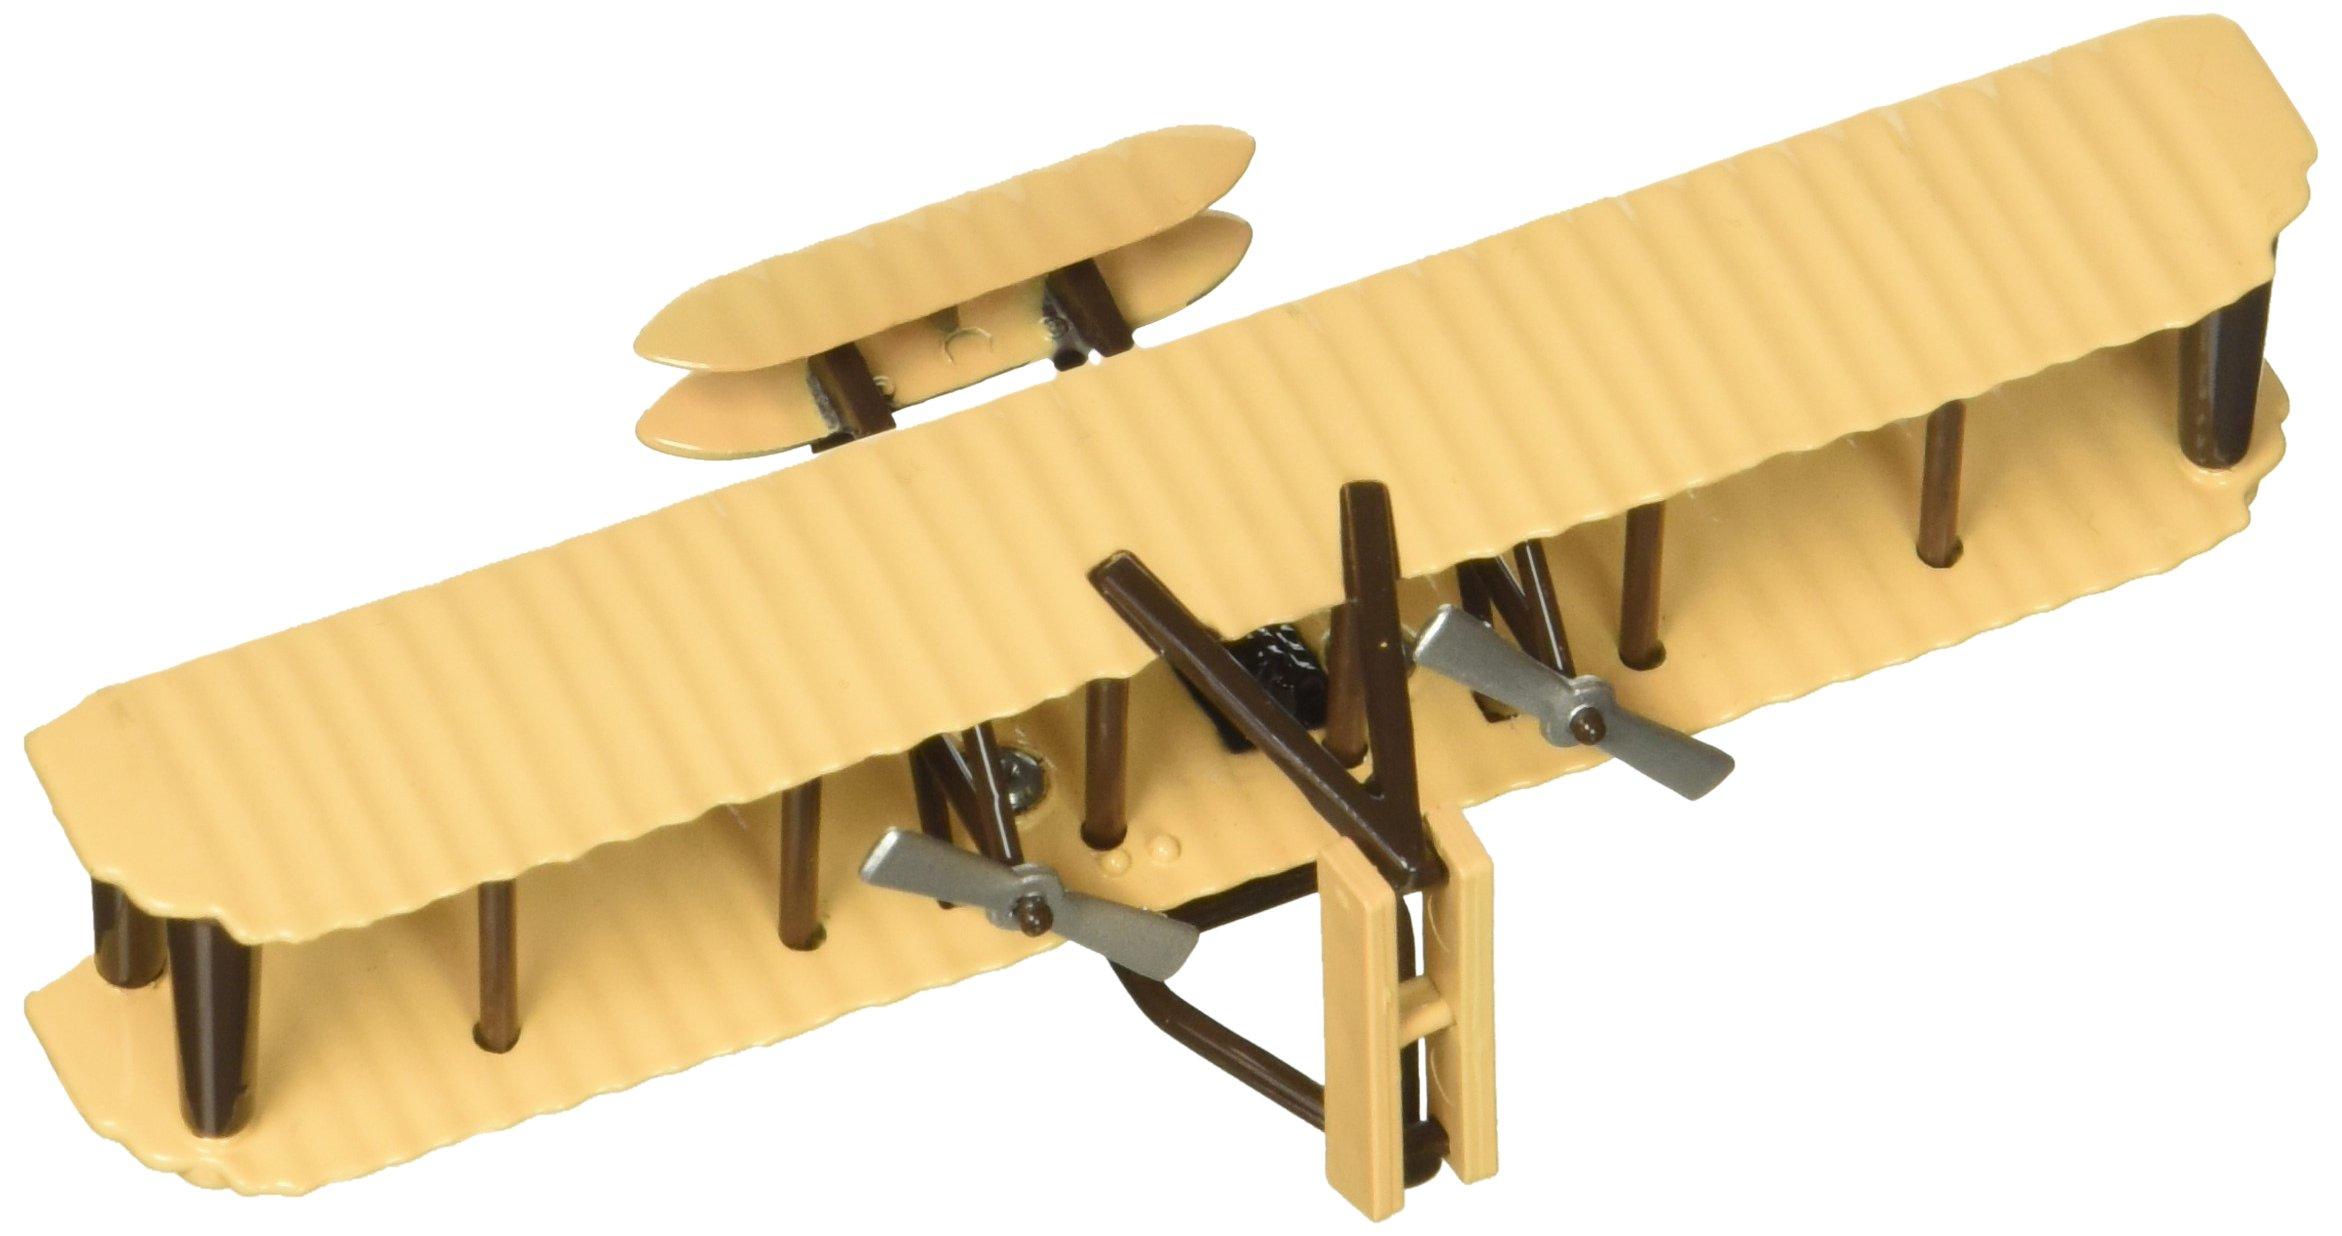 Daron Worldwide Trading Runway24 Wright Flyer Vehicle